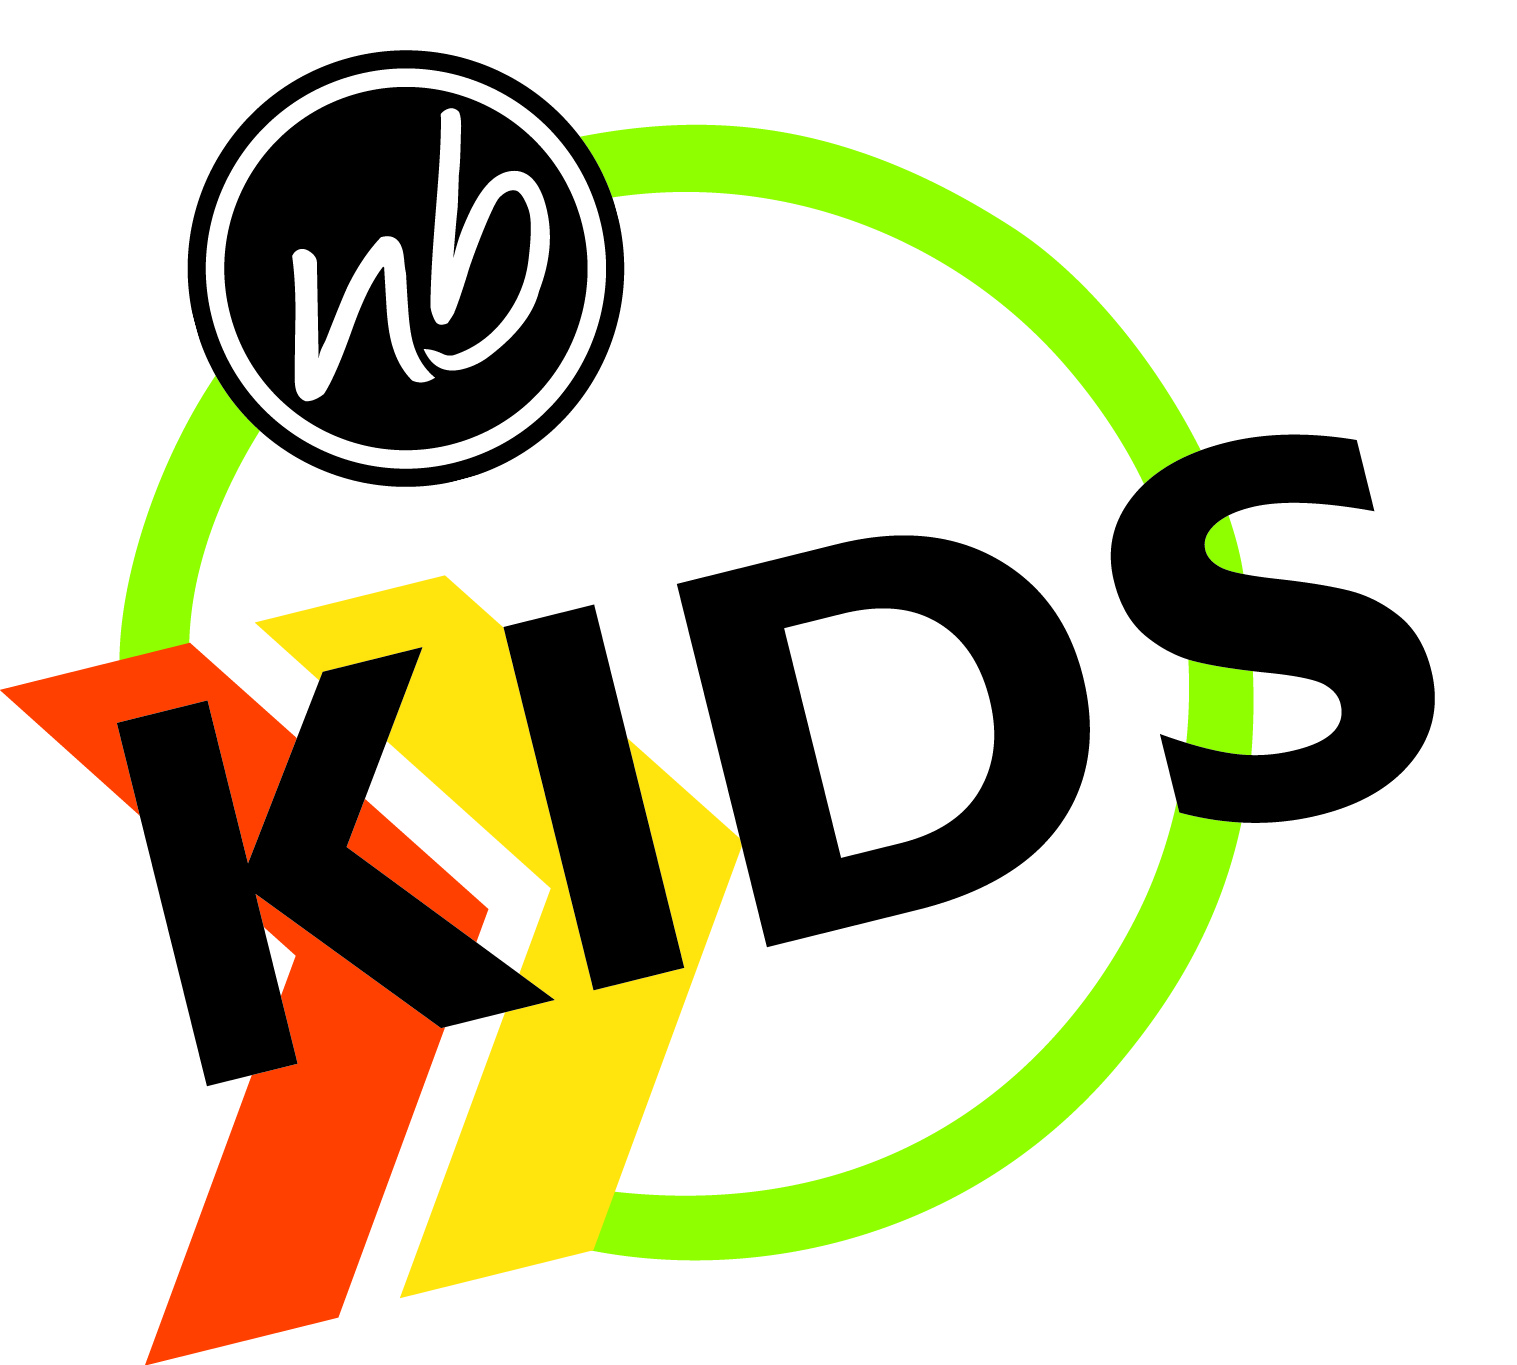 Nb kids logo